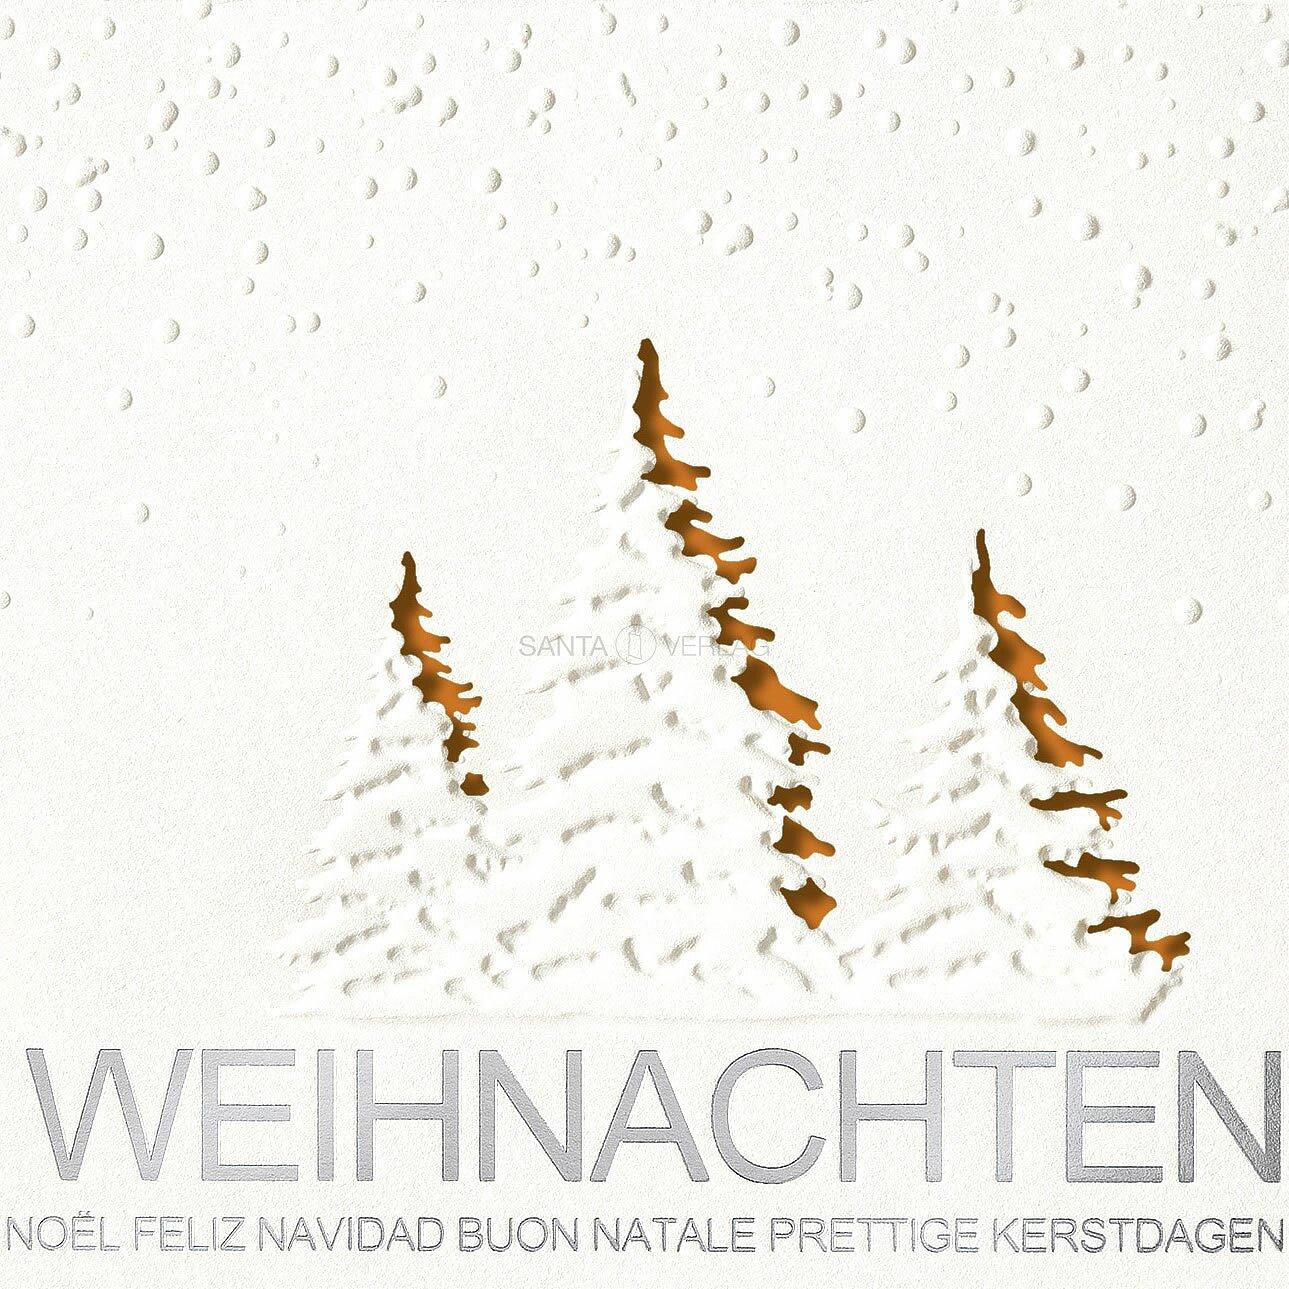 Weihnachtskarten inkl kuvert kinder nothilfe - Bilder weihnachtskarten ...